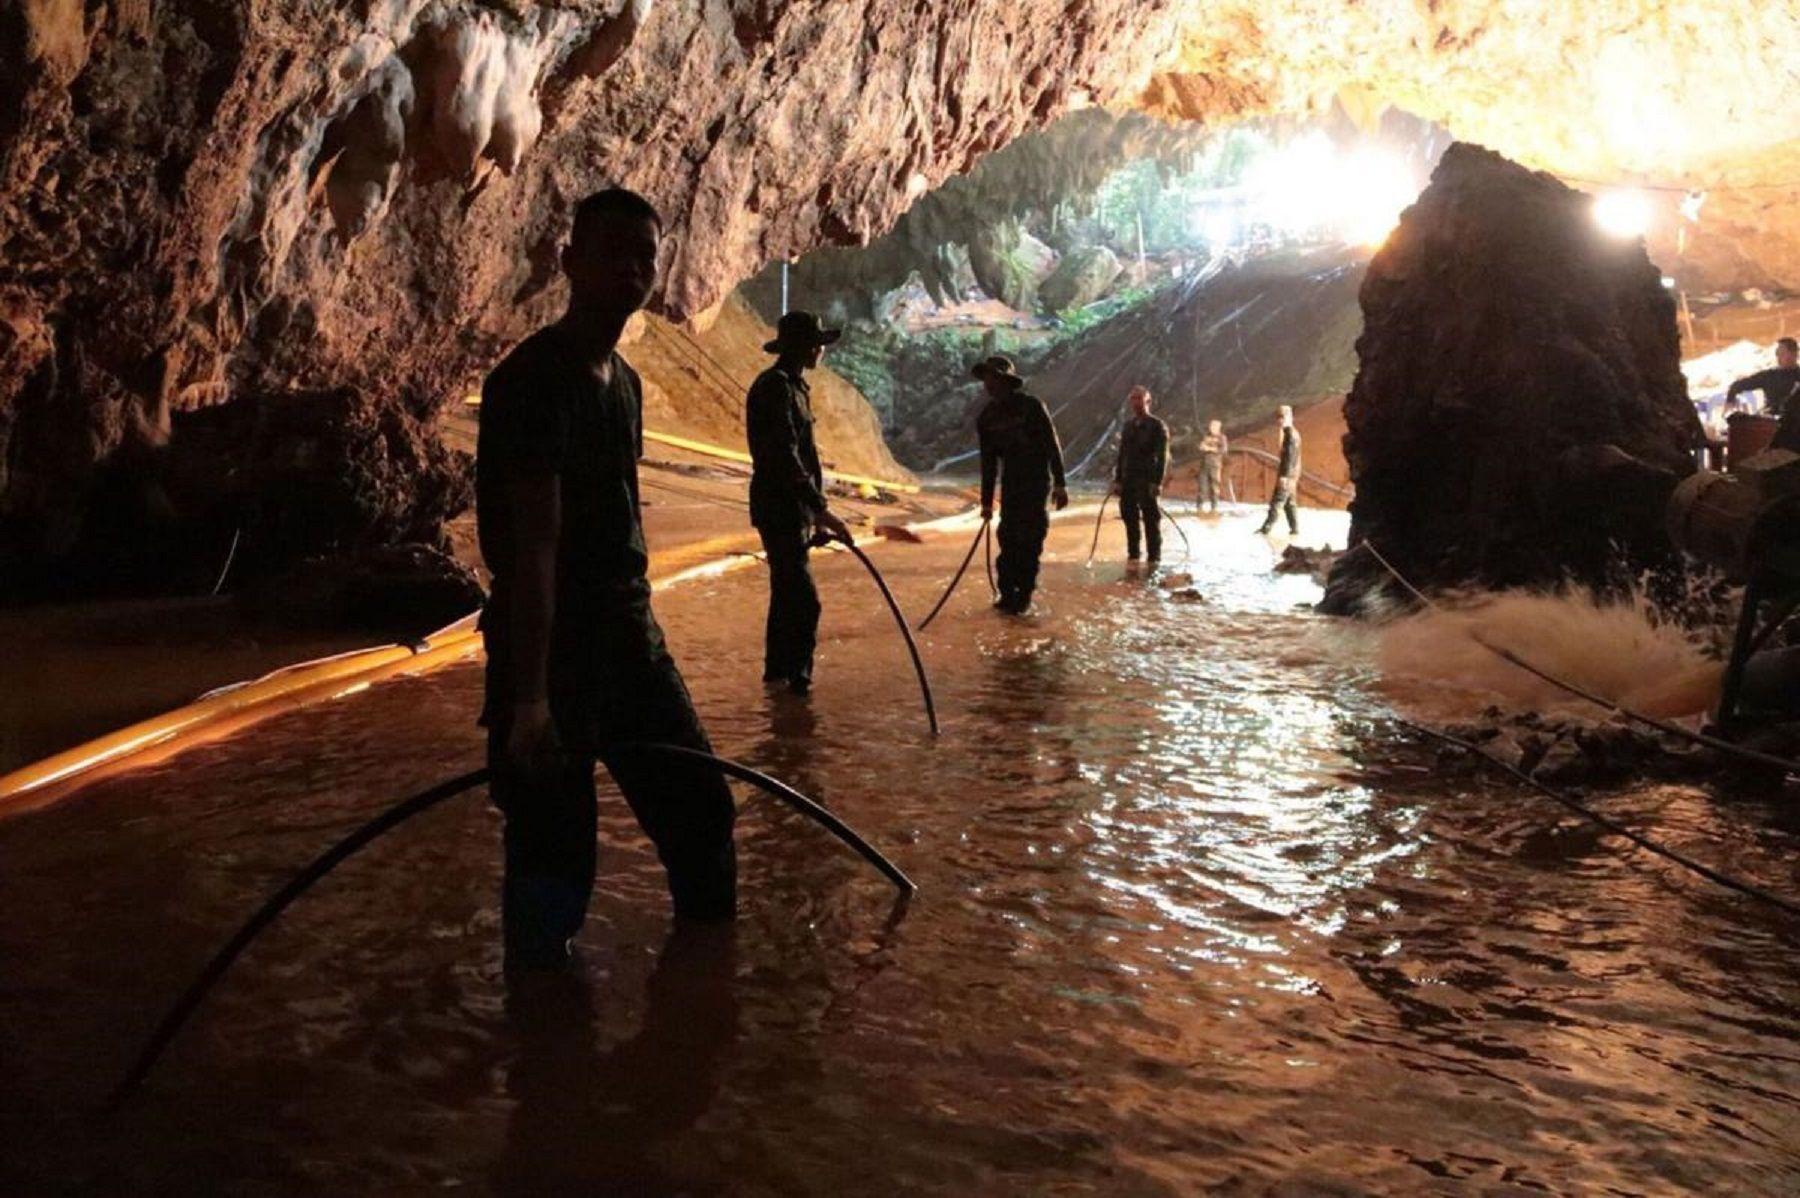 ¿Qué son las lluvias monzónicas, el fenómeno que precipitó el rescate de los chicos en Tailandia?